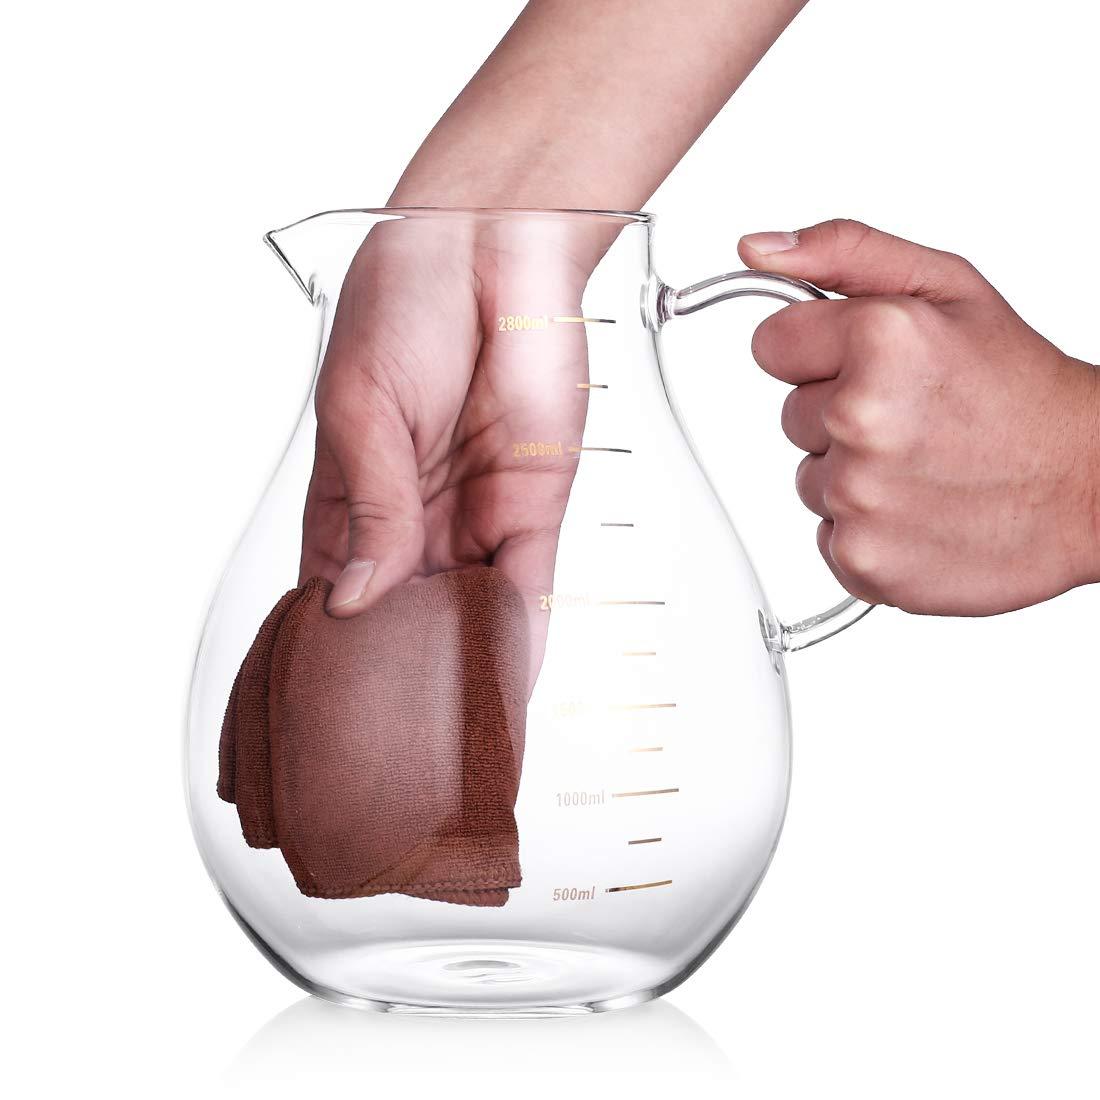 2 tasses avec carafe en verre. Oneisall Pichet /à eau 2,8 l avec couvercle en baboo Grande capacit/é Pichet en verre avec mesure